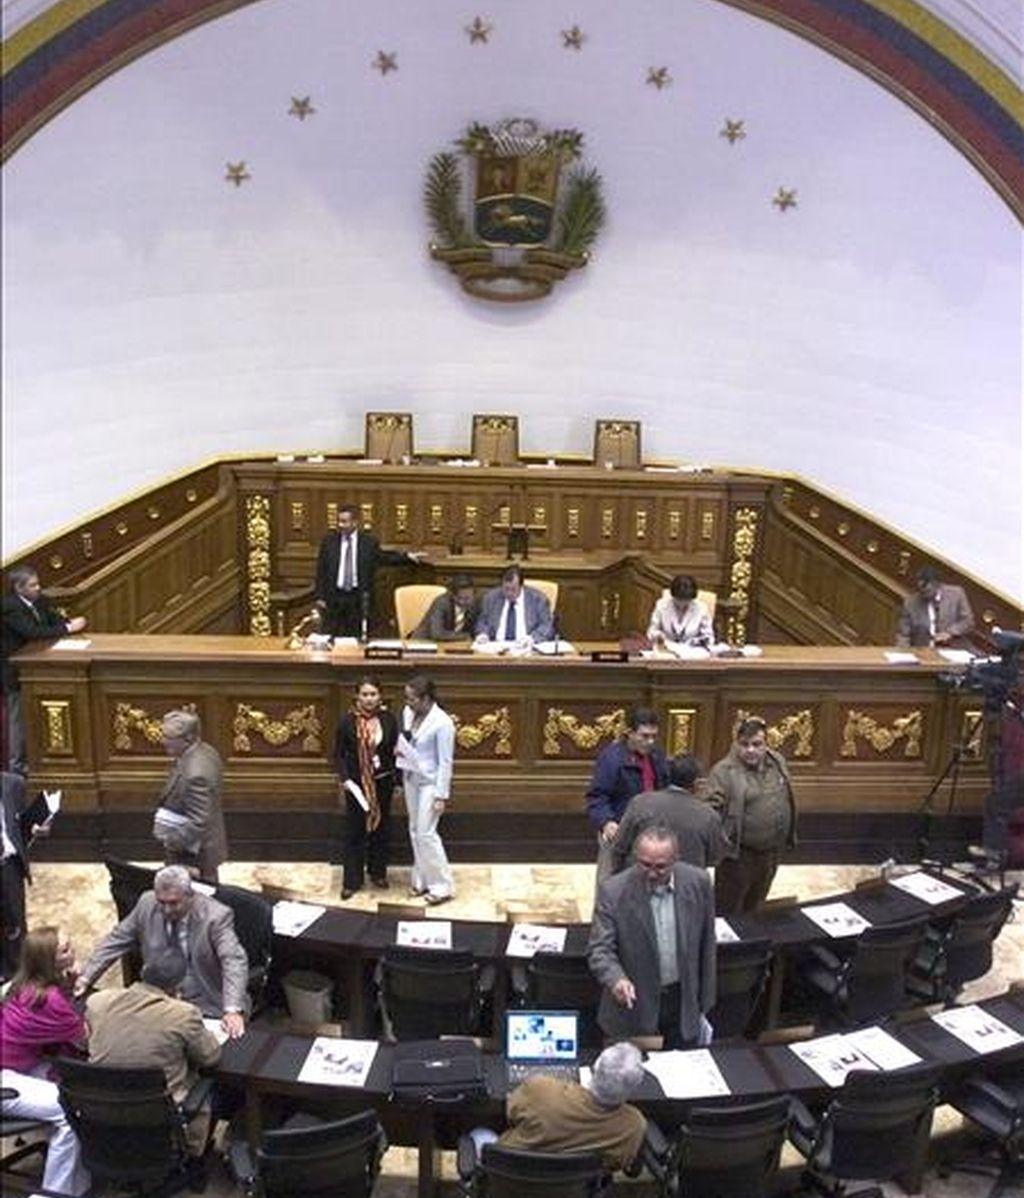 """En la sesión desarrollada en las últimas semanas, la amplia mayoría oficialista aprobó una veintena de leyes """"socialistas"""" con el rechazo de la bancada opositora, conformada por una docena de legisladores ex aliados de Chávez. EFE/Archivo"""